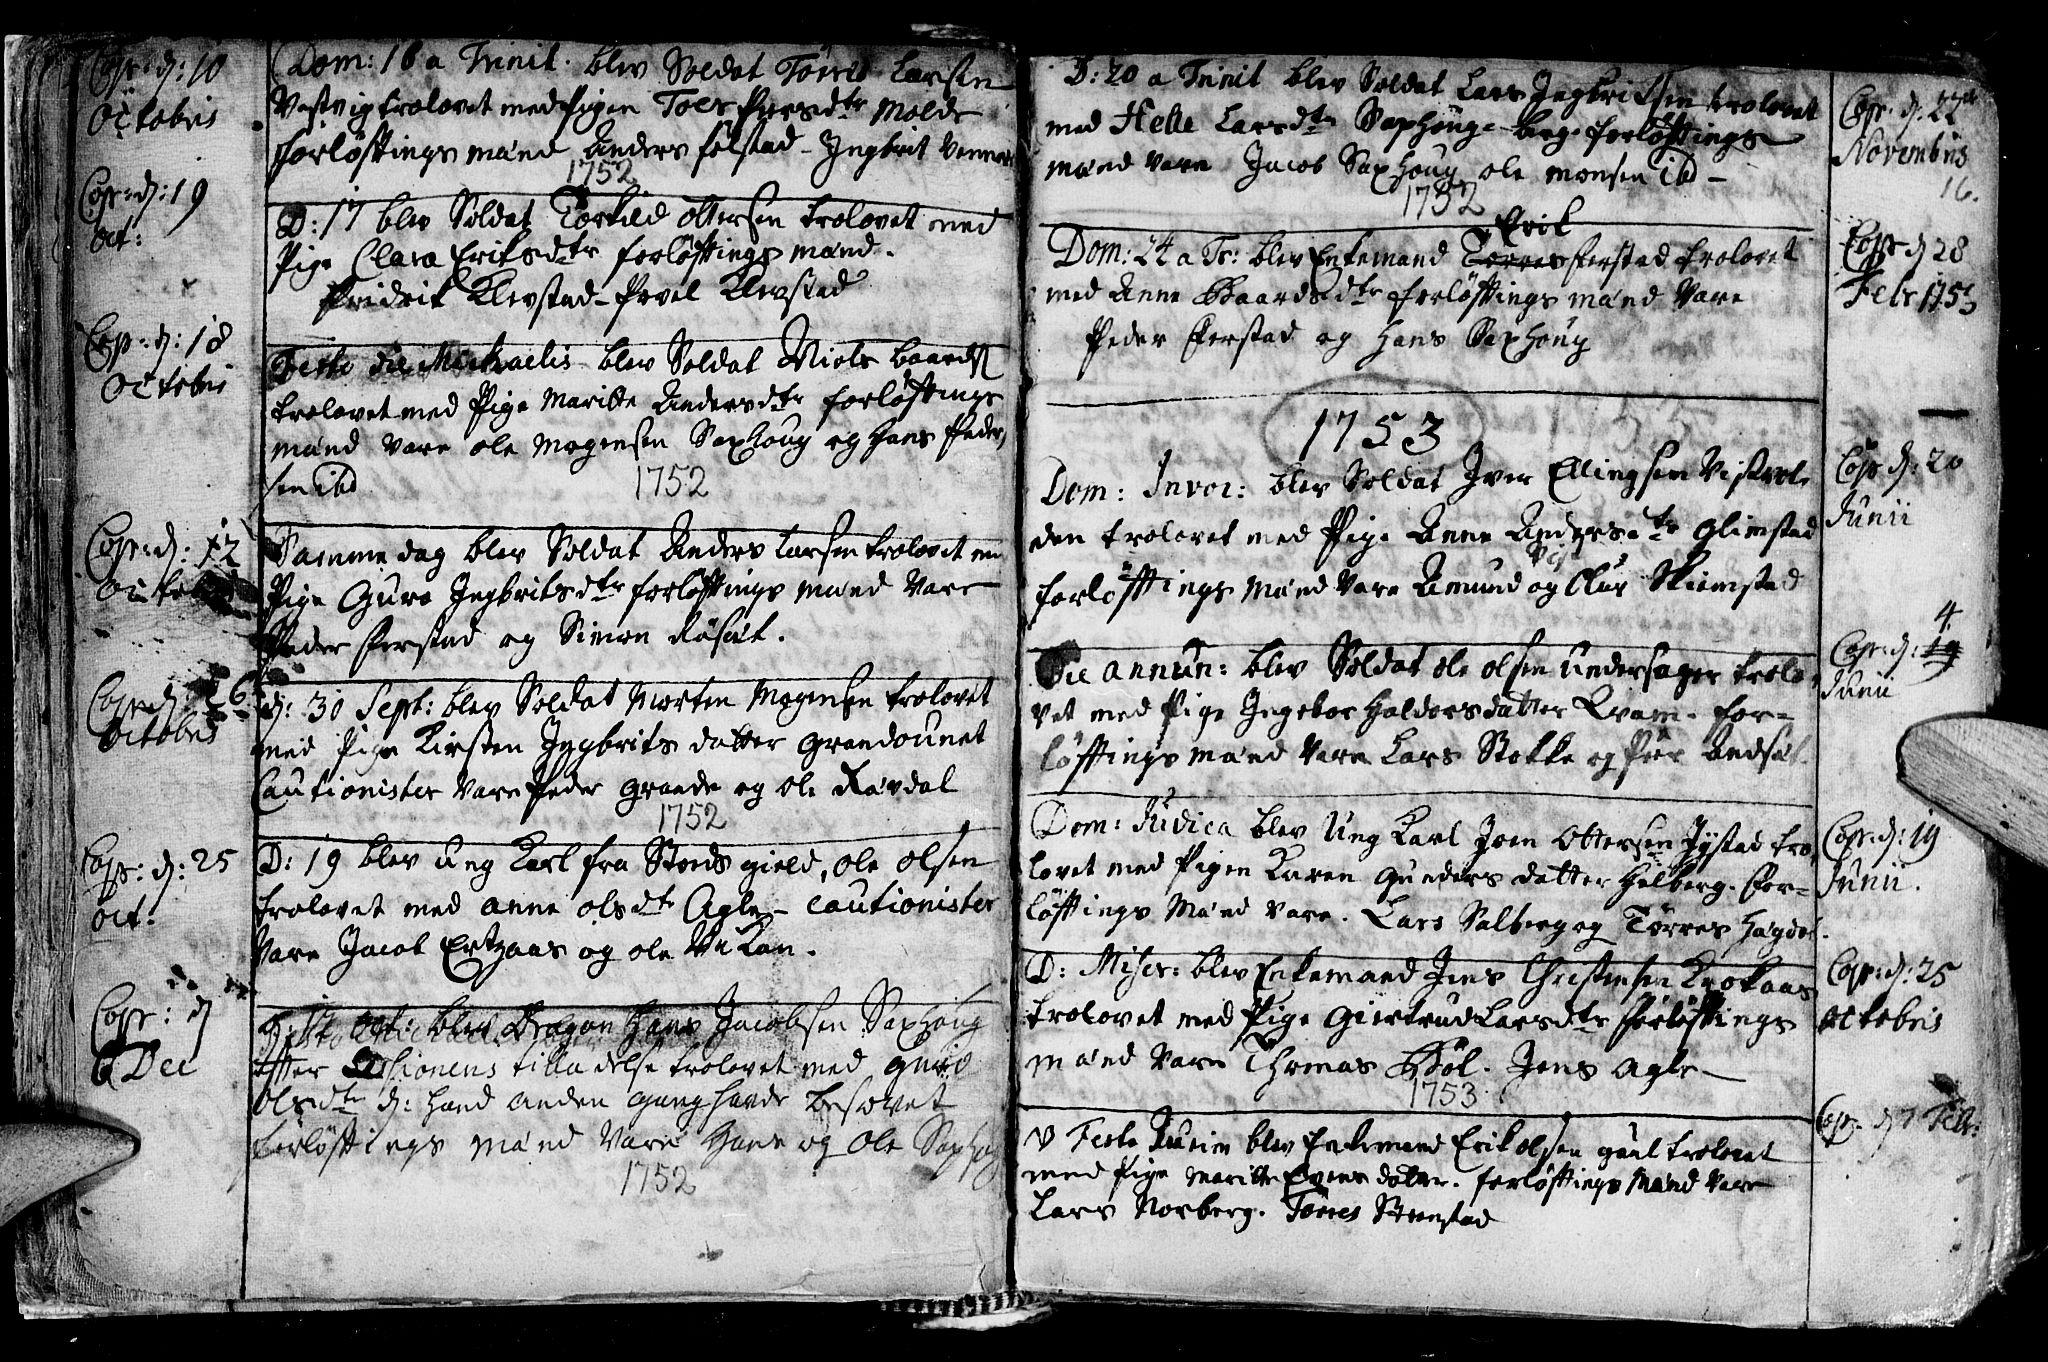 SAT, Ministerialprotokoller, klokkerbøker og fødselsregistre - Nord-Trøndelag, 730/L0272: Ministerialbok nr. 730A01, 1733-1764, s. 16